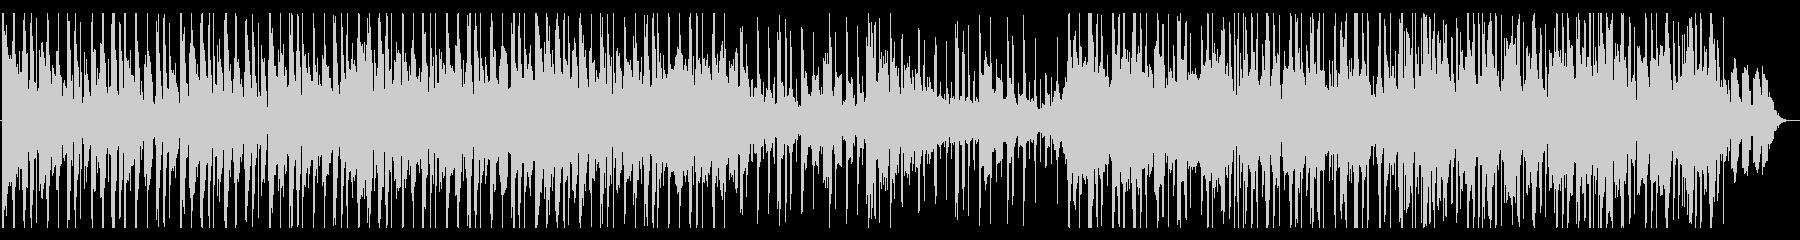 都会/アーバン/R&B_No459_3の未再生の波形